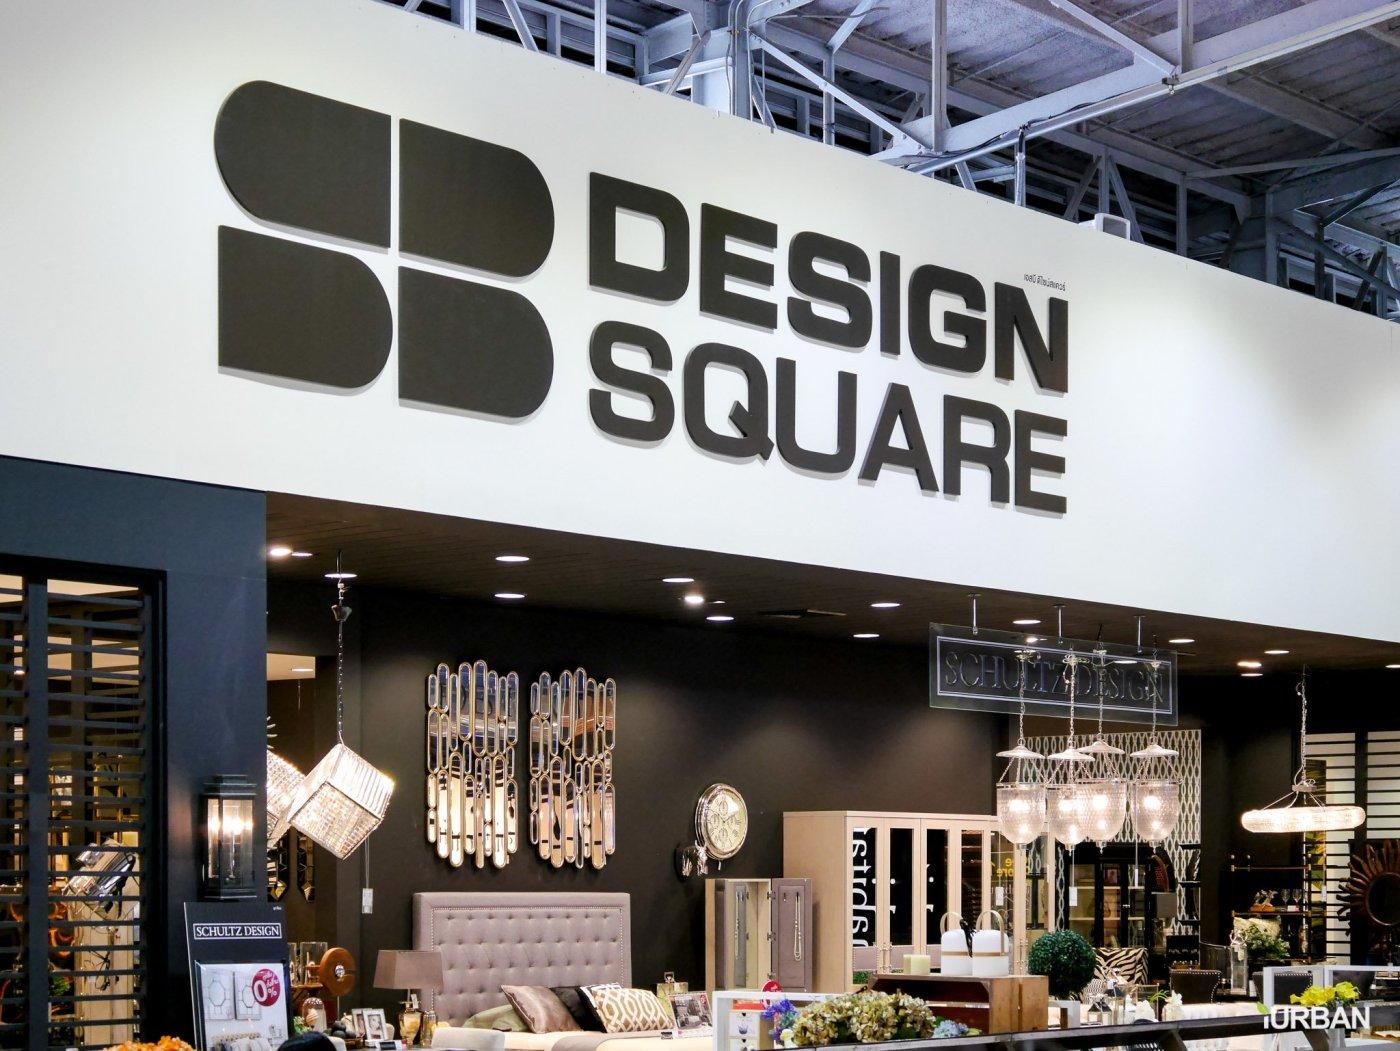 รีวิวงาน SB DESIGN SQUARE เฟอร์-ของแต่งบ้านลดราคา 70% ที่งาน X TREME SALE (รูปเยอะยังถ่ายไม่หมด กว้างมาก!!!) 13 - Premium